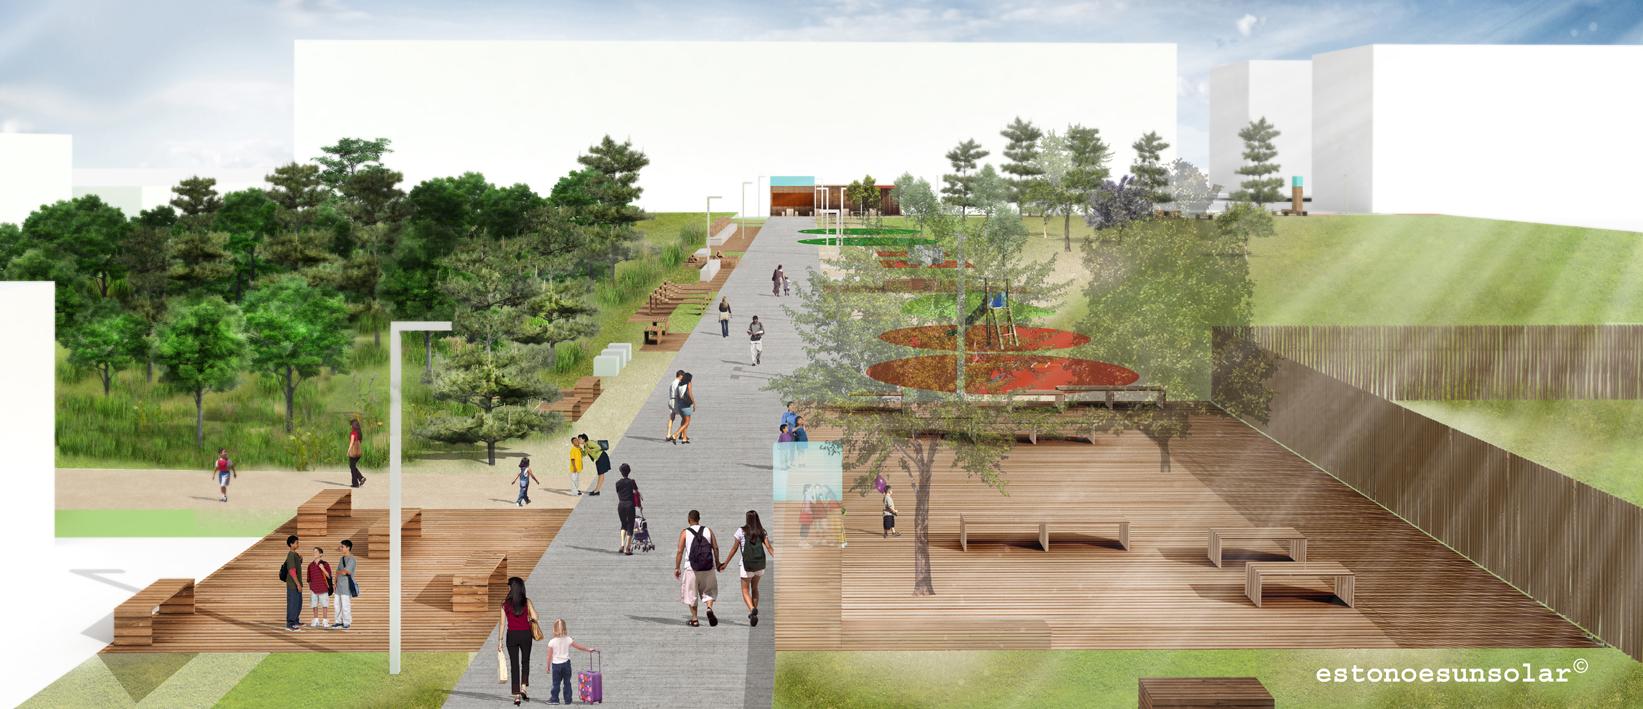 Bella fuori 3 on progress un espacio publico cogestionado for Tipos de mobiliario urbano pdf